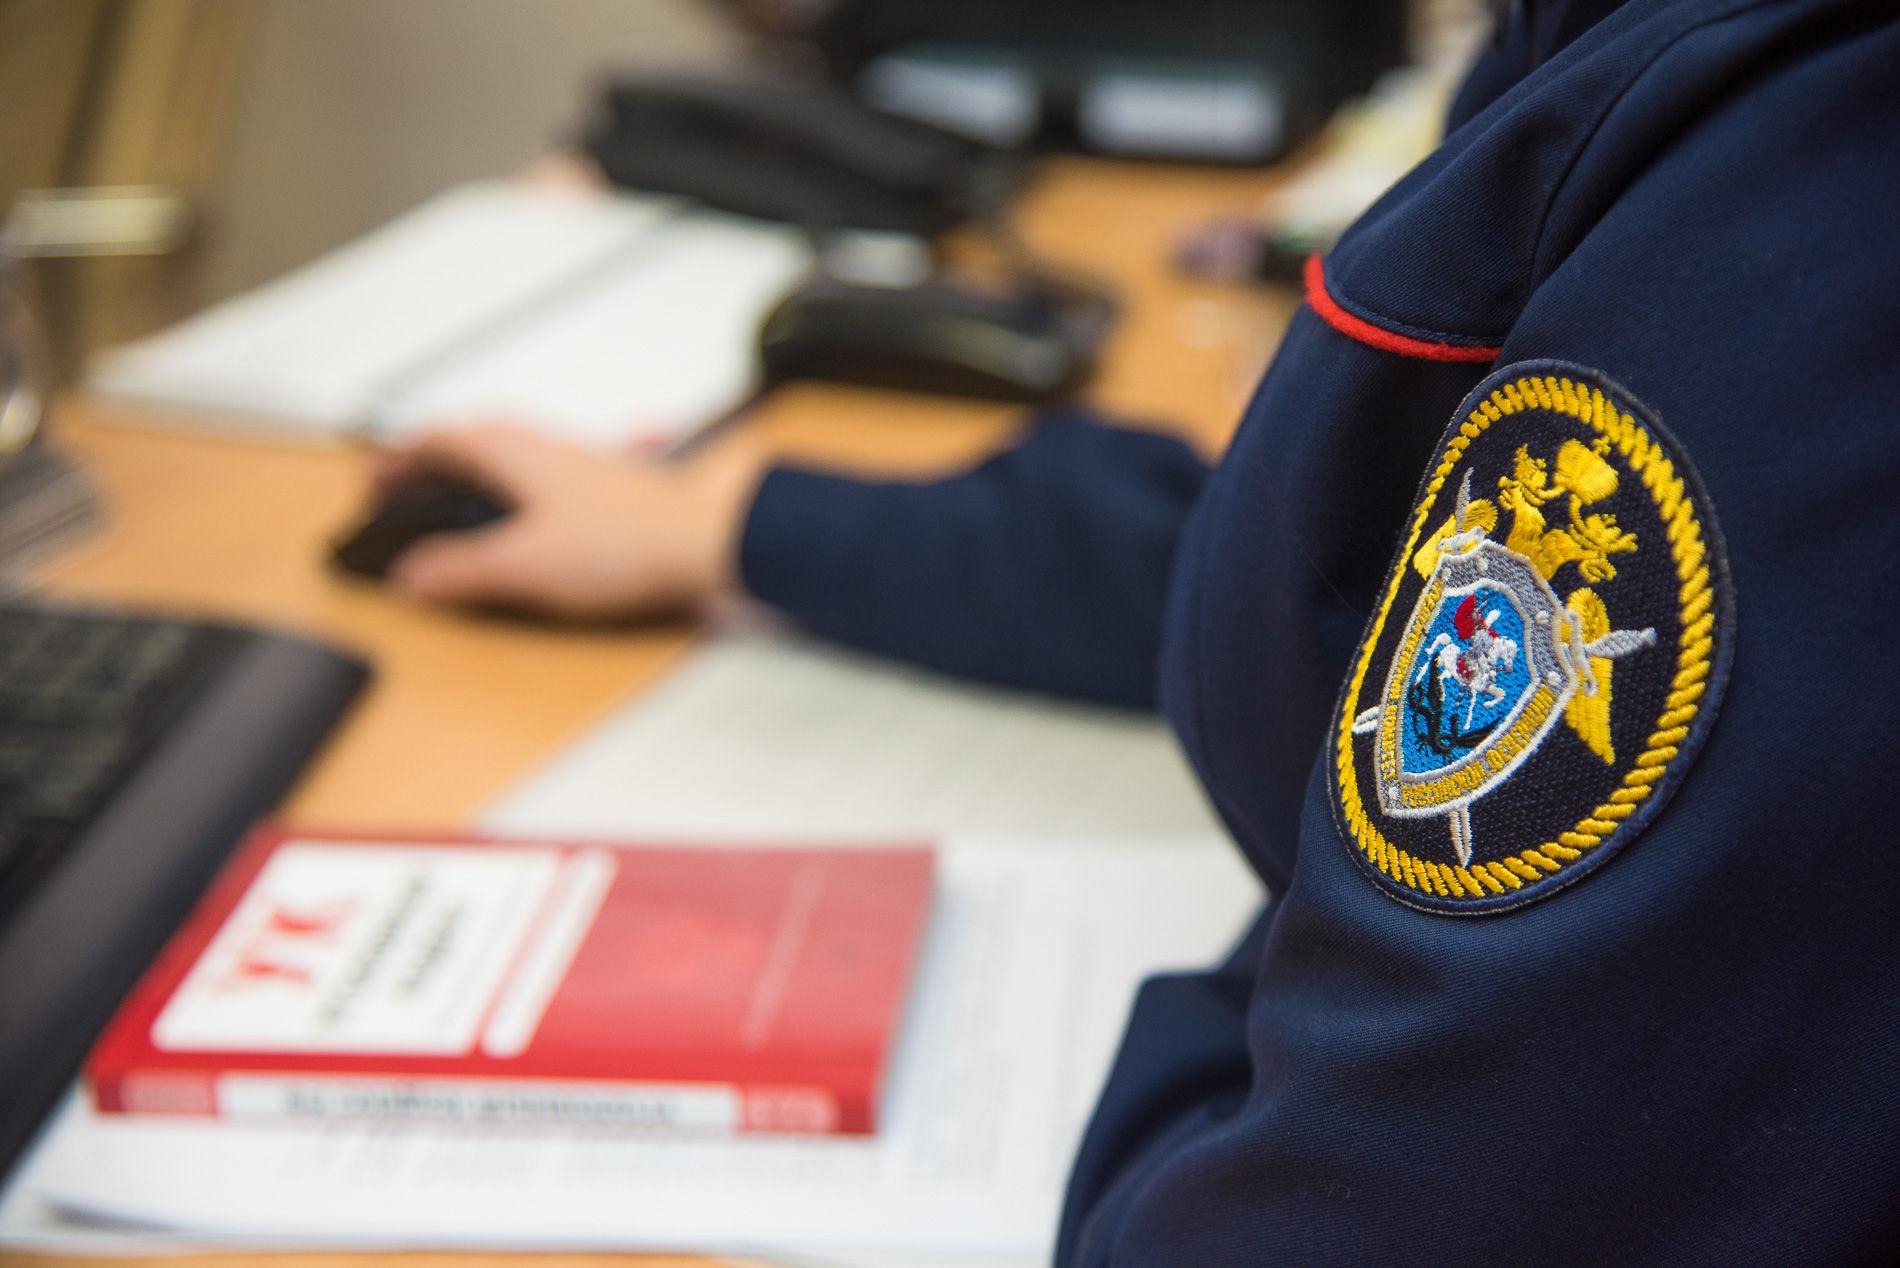 Экс-главу центра ядерной медицины объявили в федеральный розыск по делу о мошенничестве